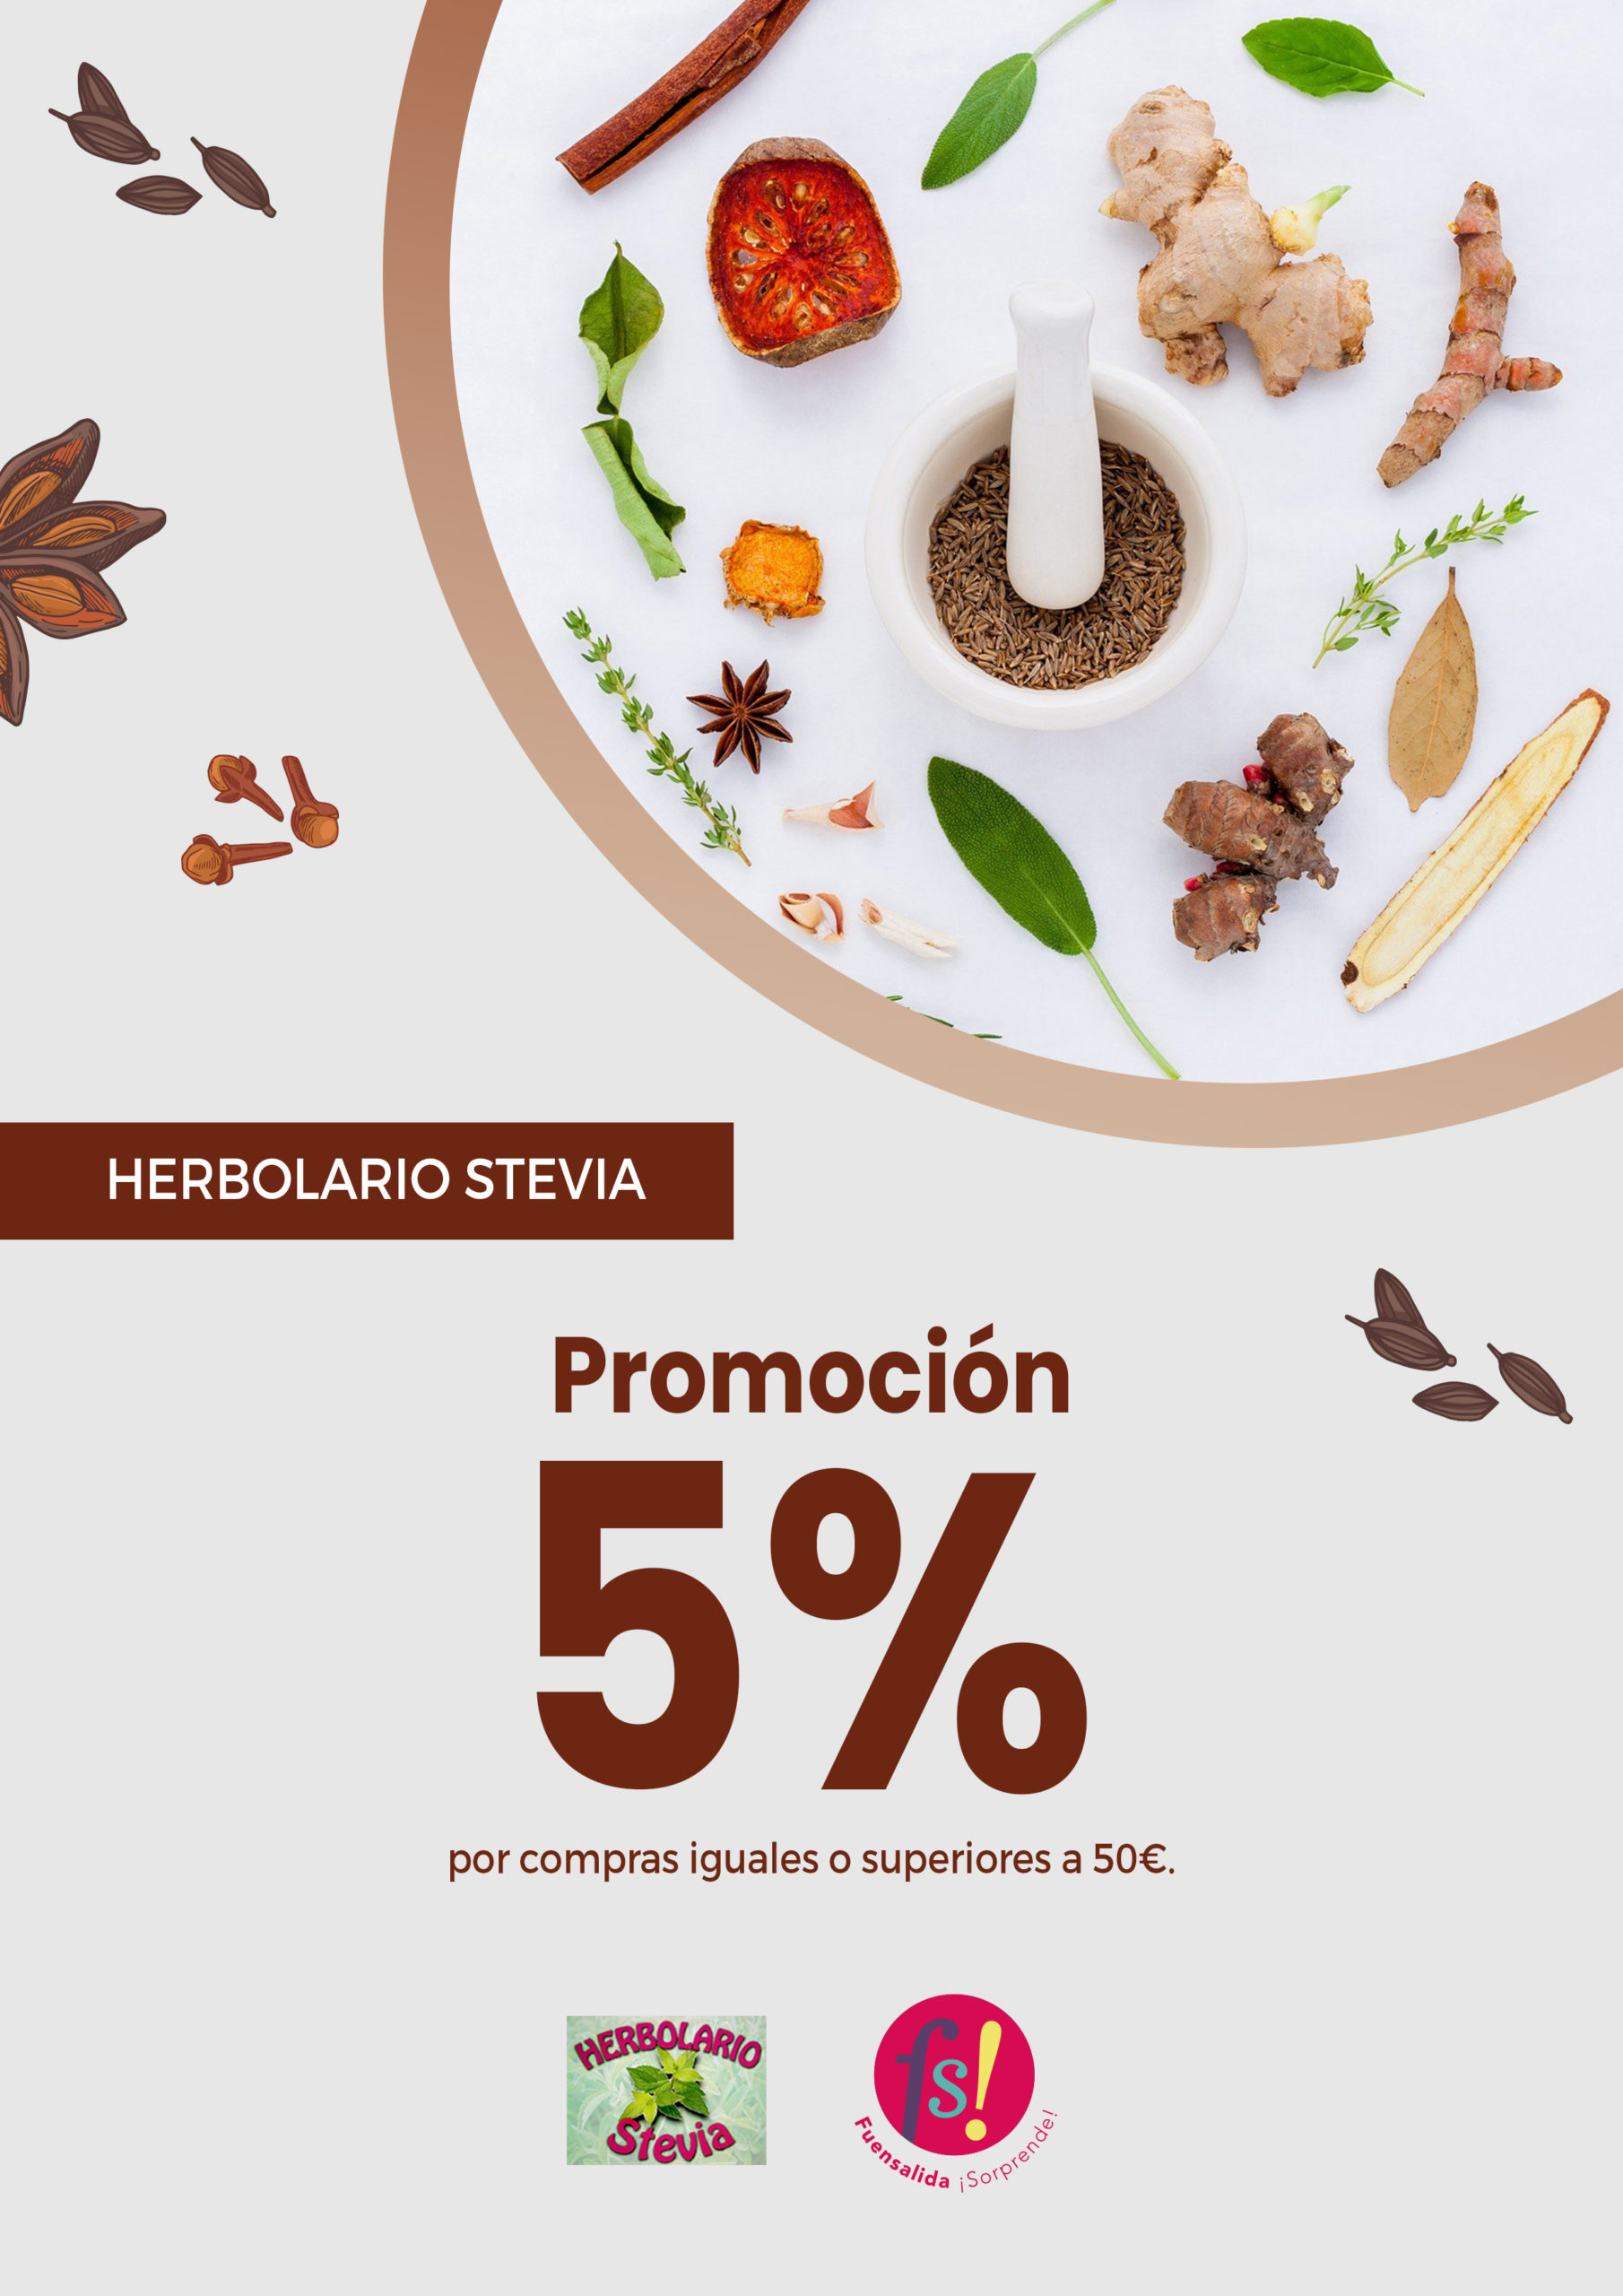 Herbolario Stevia